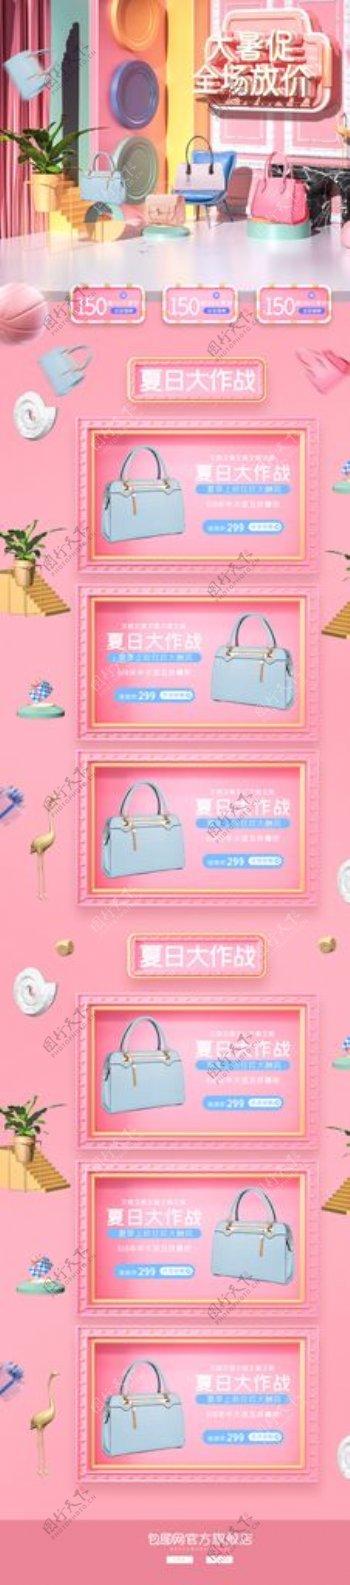 淘宝粉色小清新化妆品促销首页图片